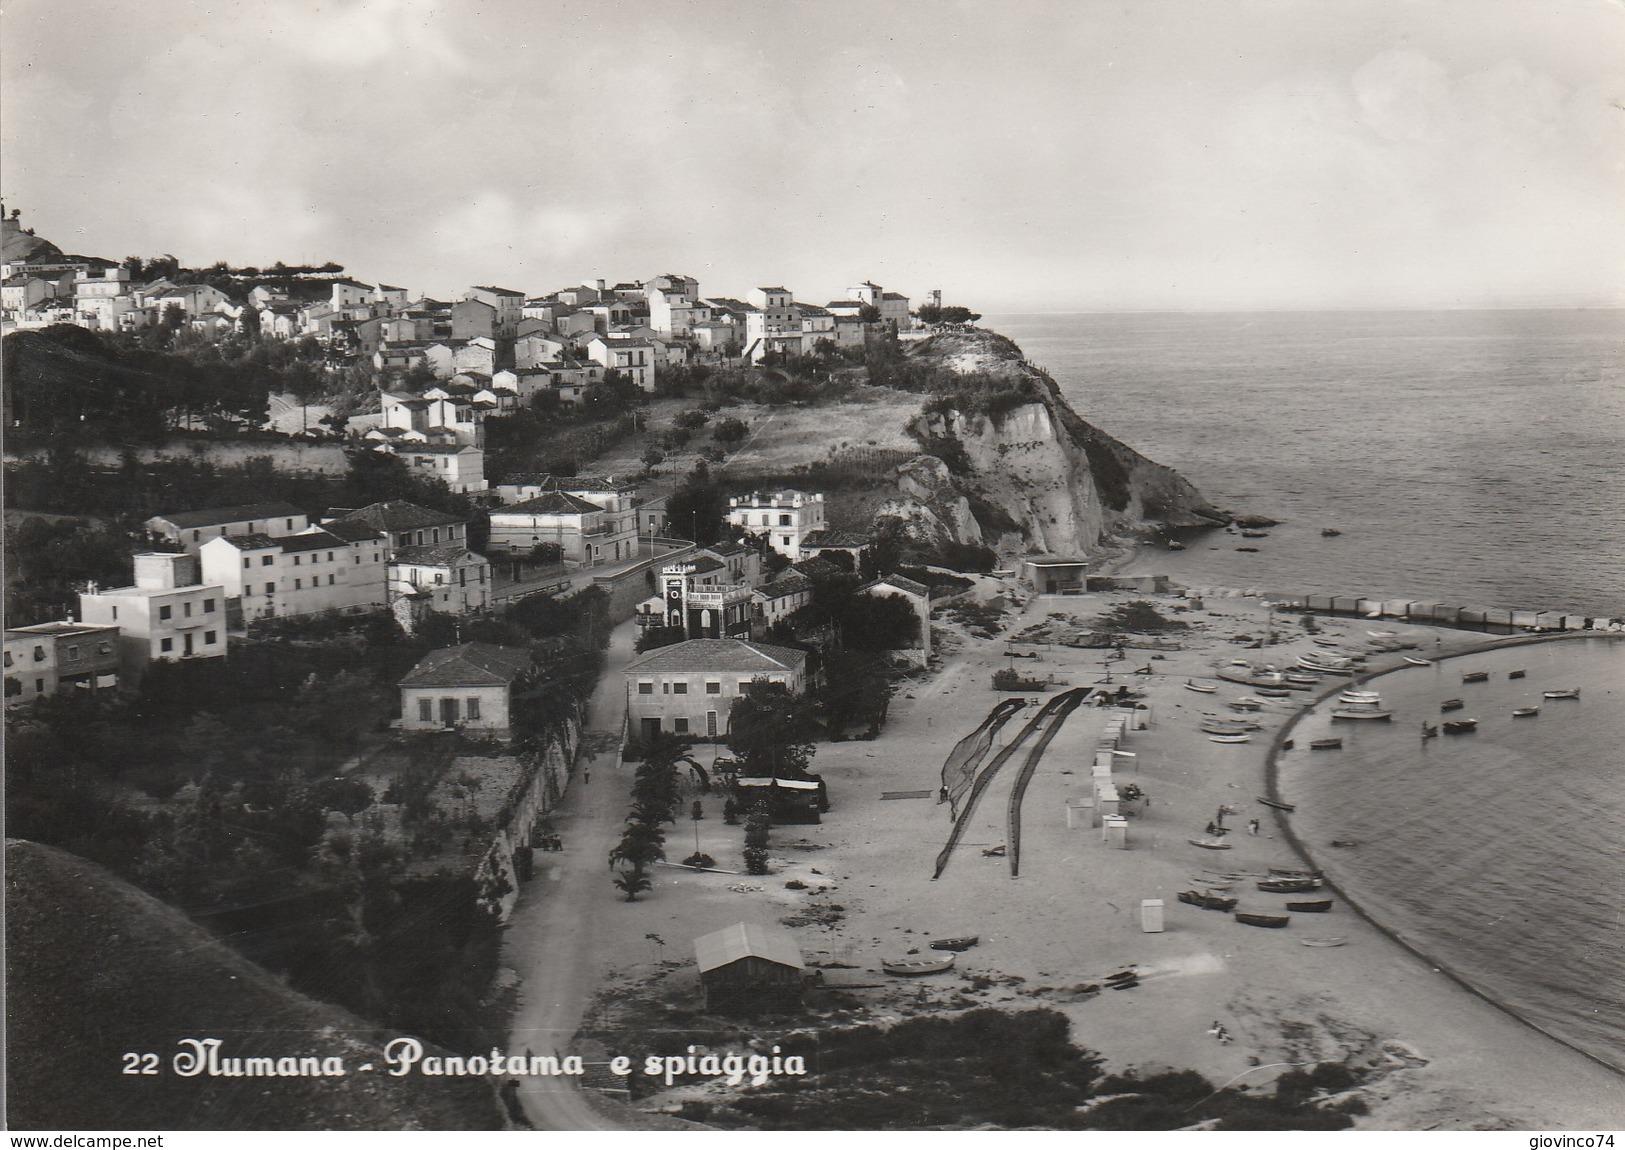 ANCONA - NUMANA - PANORAMA E SPIAGGIA.....CCC - Fano